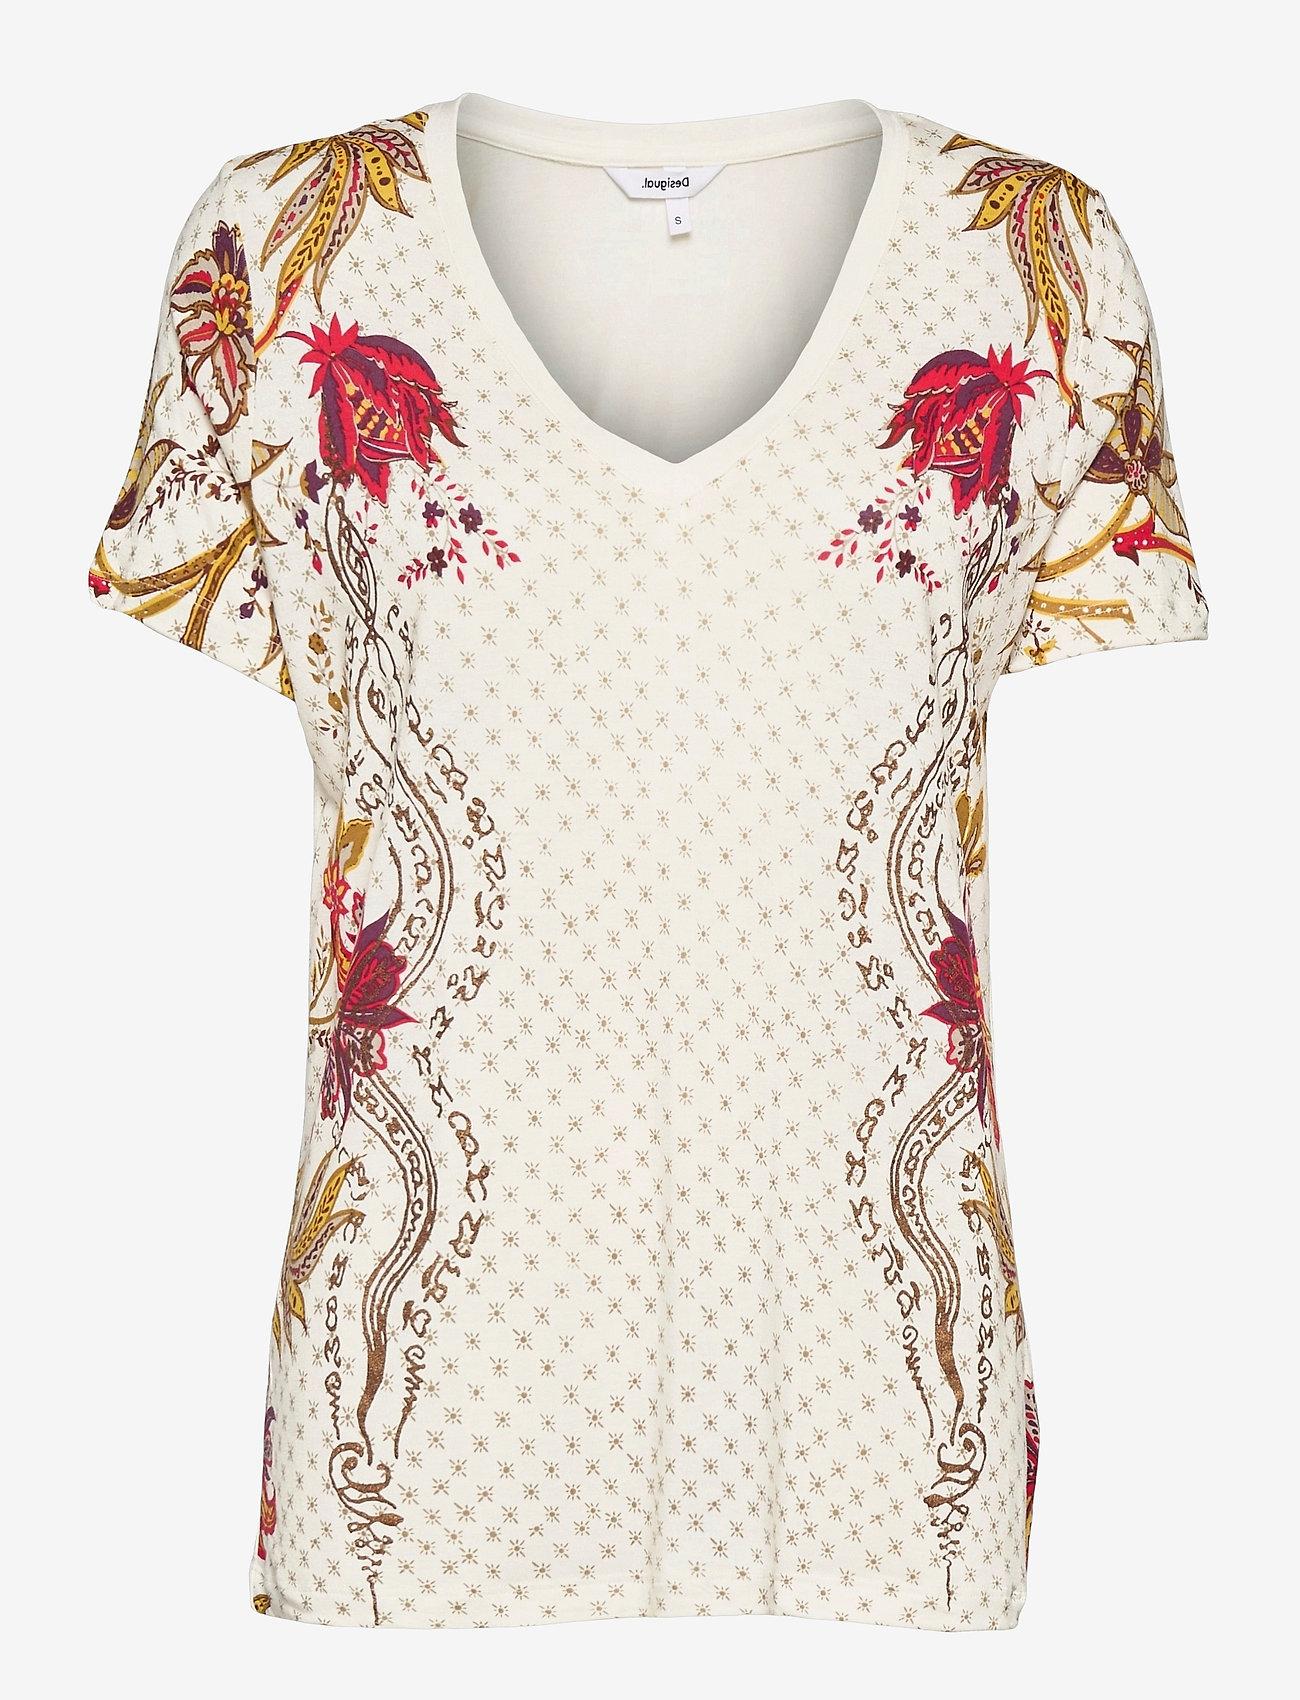 Desigual - TS PRAGA - t-shirts - blanco - 0